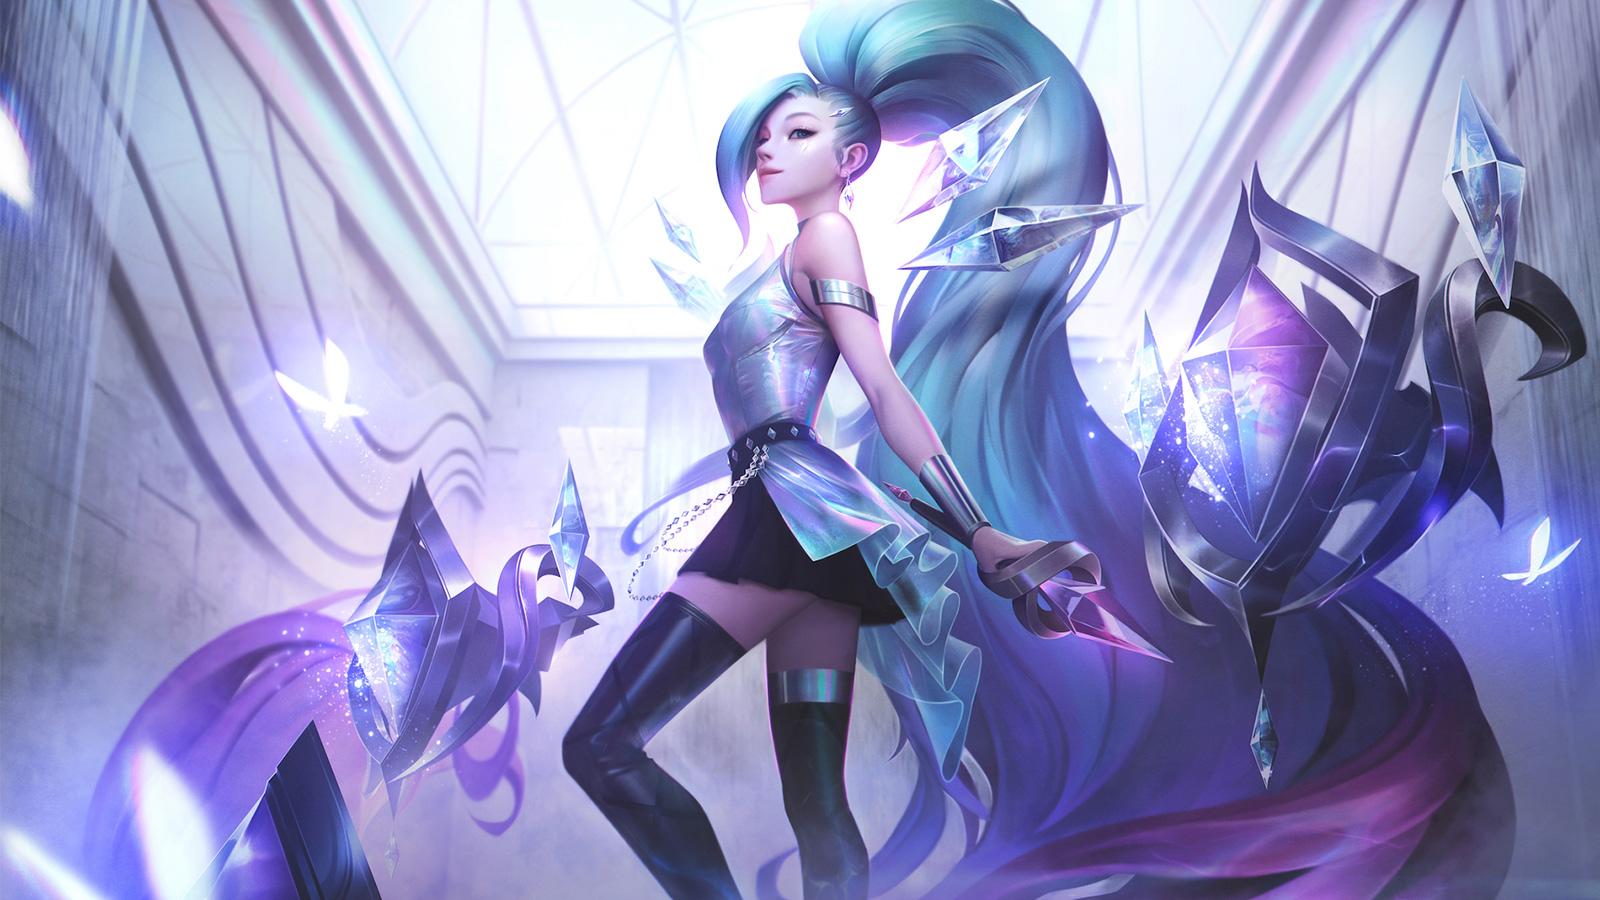 Seraphine con su skin KDA en League of Legends